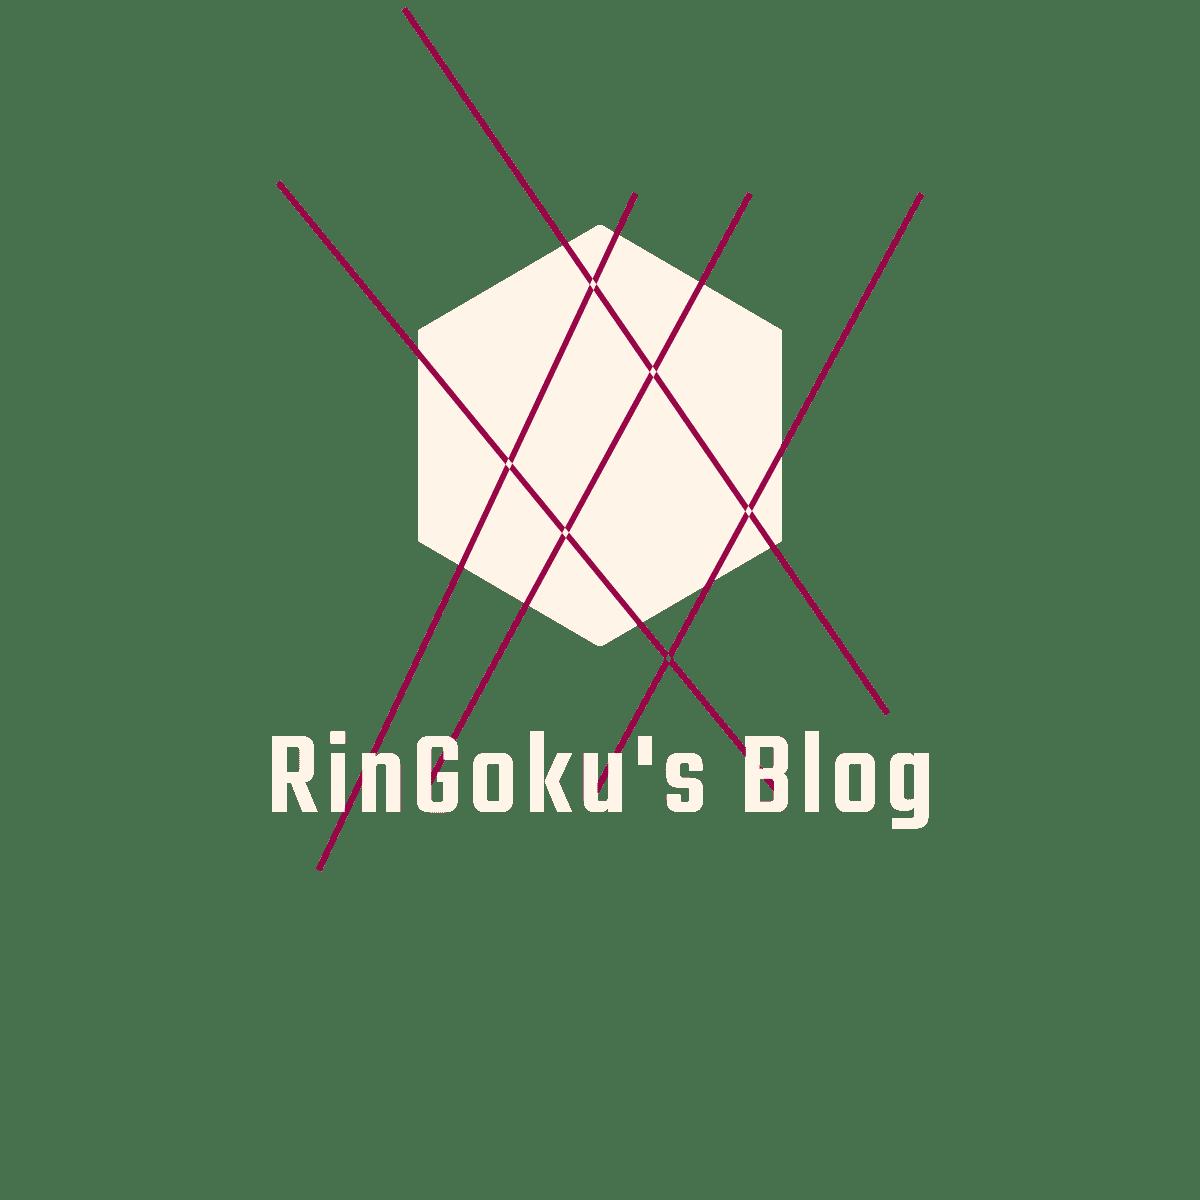 ITエンジニアりんごくの技術ブログ